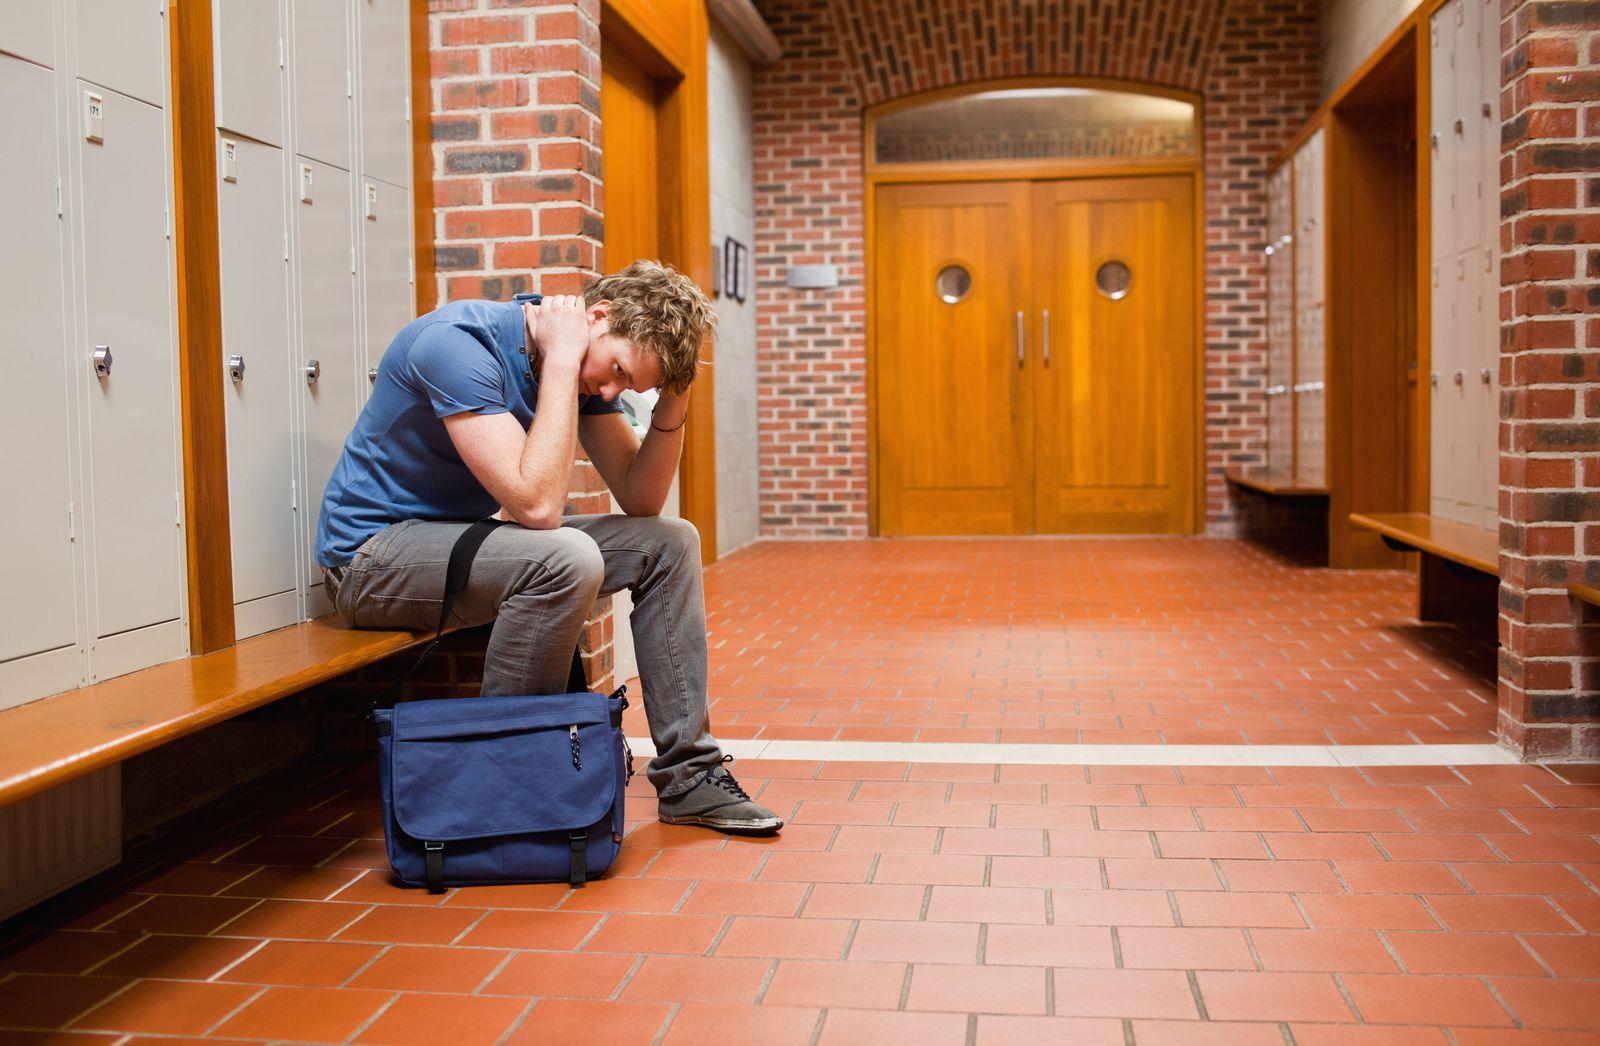 NICHT MEHR VERWENDEN! - Student Traurig